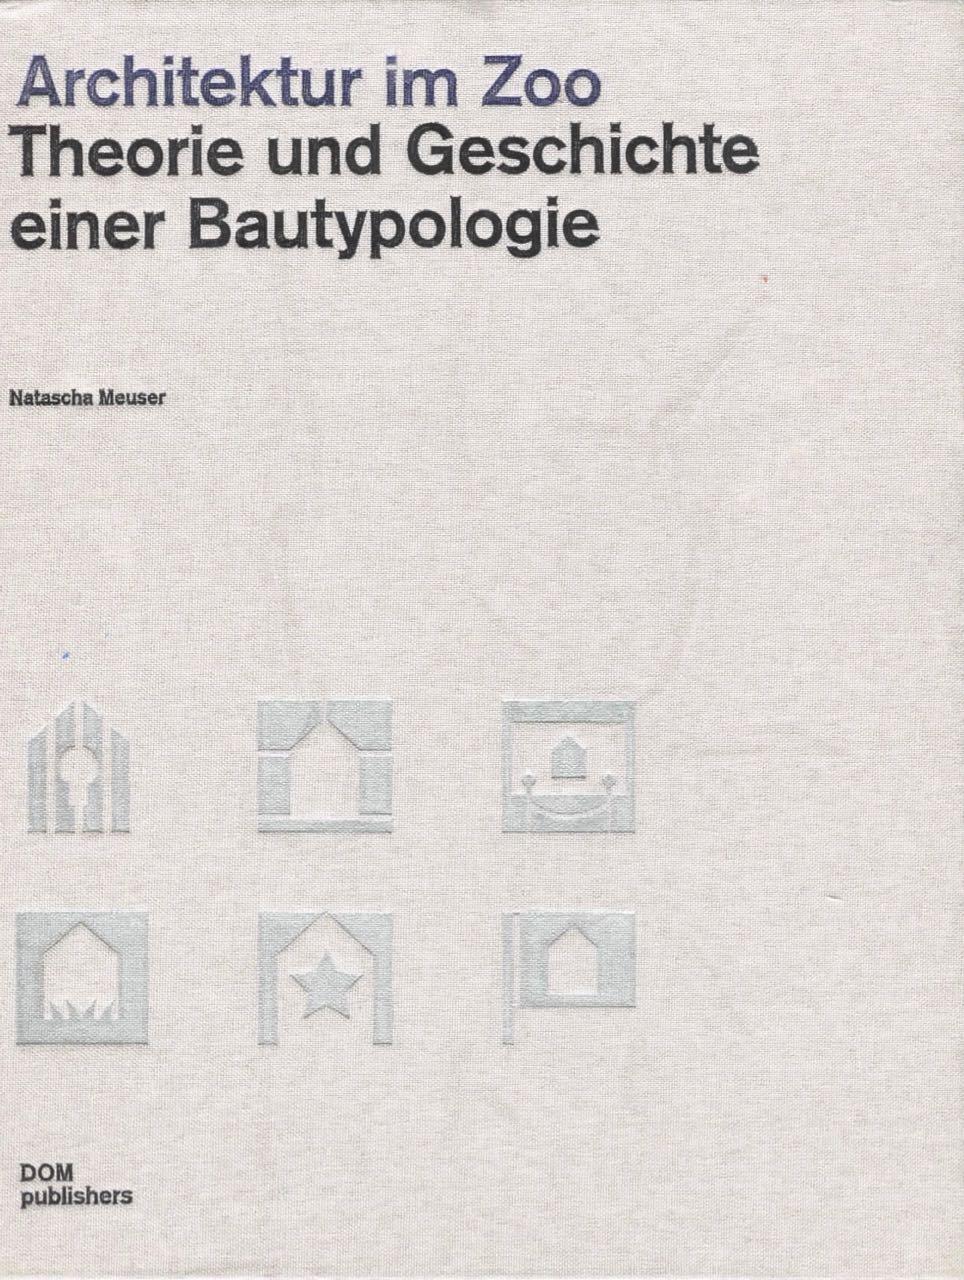 NATASCHA MEUSER: Architektur im Zoo. Theorie und Geschichte einer Bautypologie